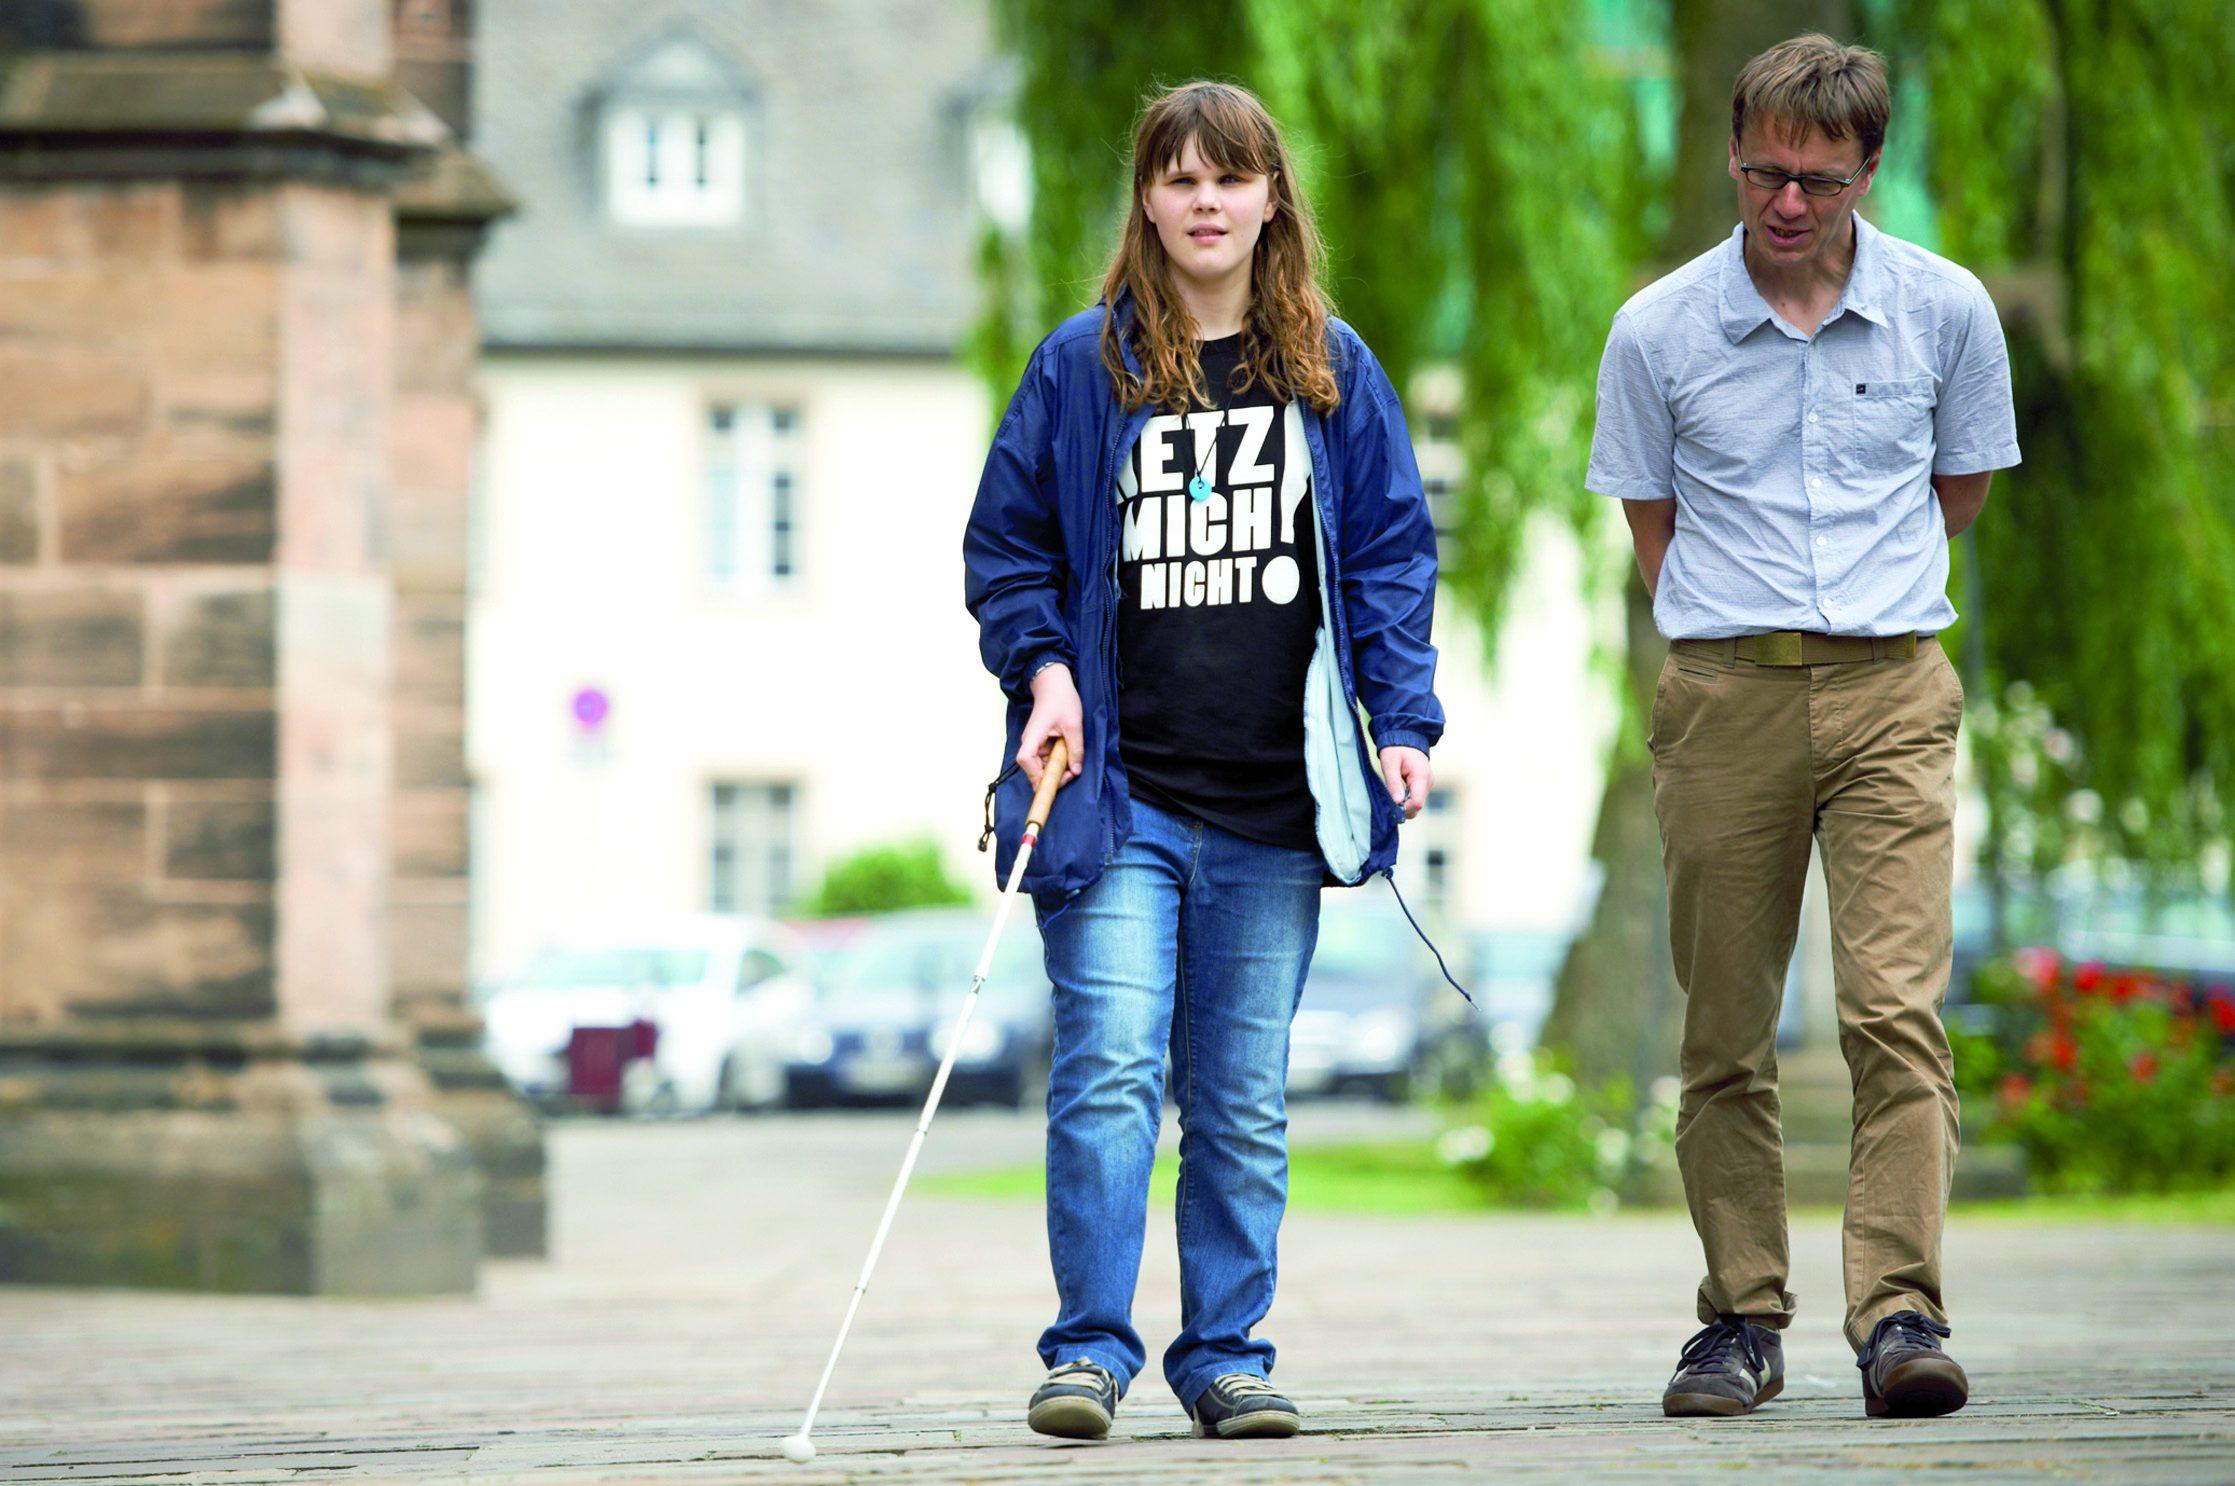 """Szene aus dem Mobilitätsunterricht: Eine männliche Fachkraft für Blinden- und Sehbehindertenrehabilitation begleitet eine junge Frau mit Blindenlangstock. Sie trägt ein T-Shirt mit der Aufschrift """"Hetz mich nicht!"""""""